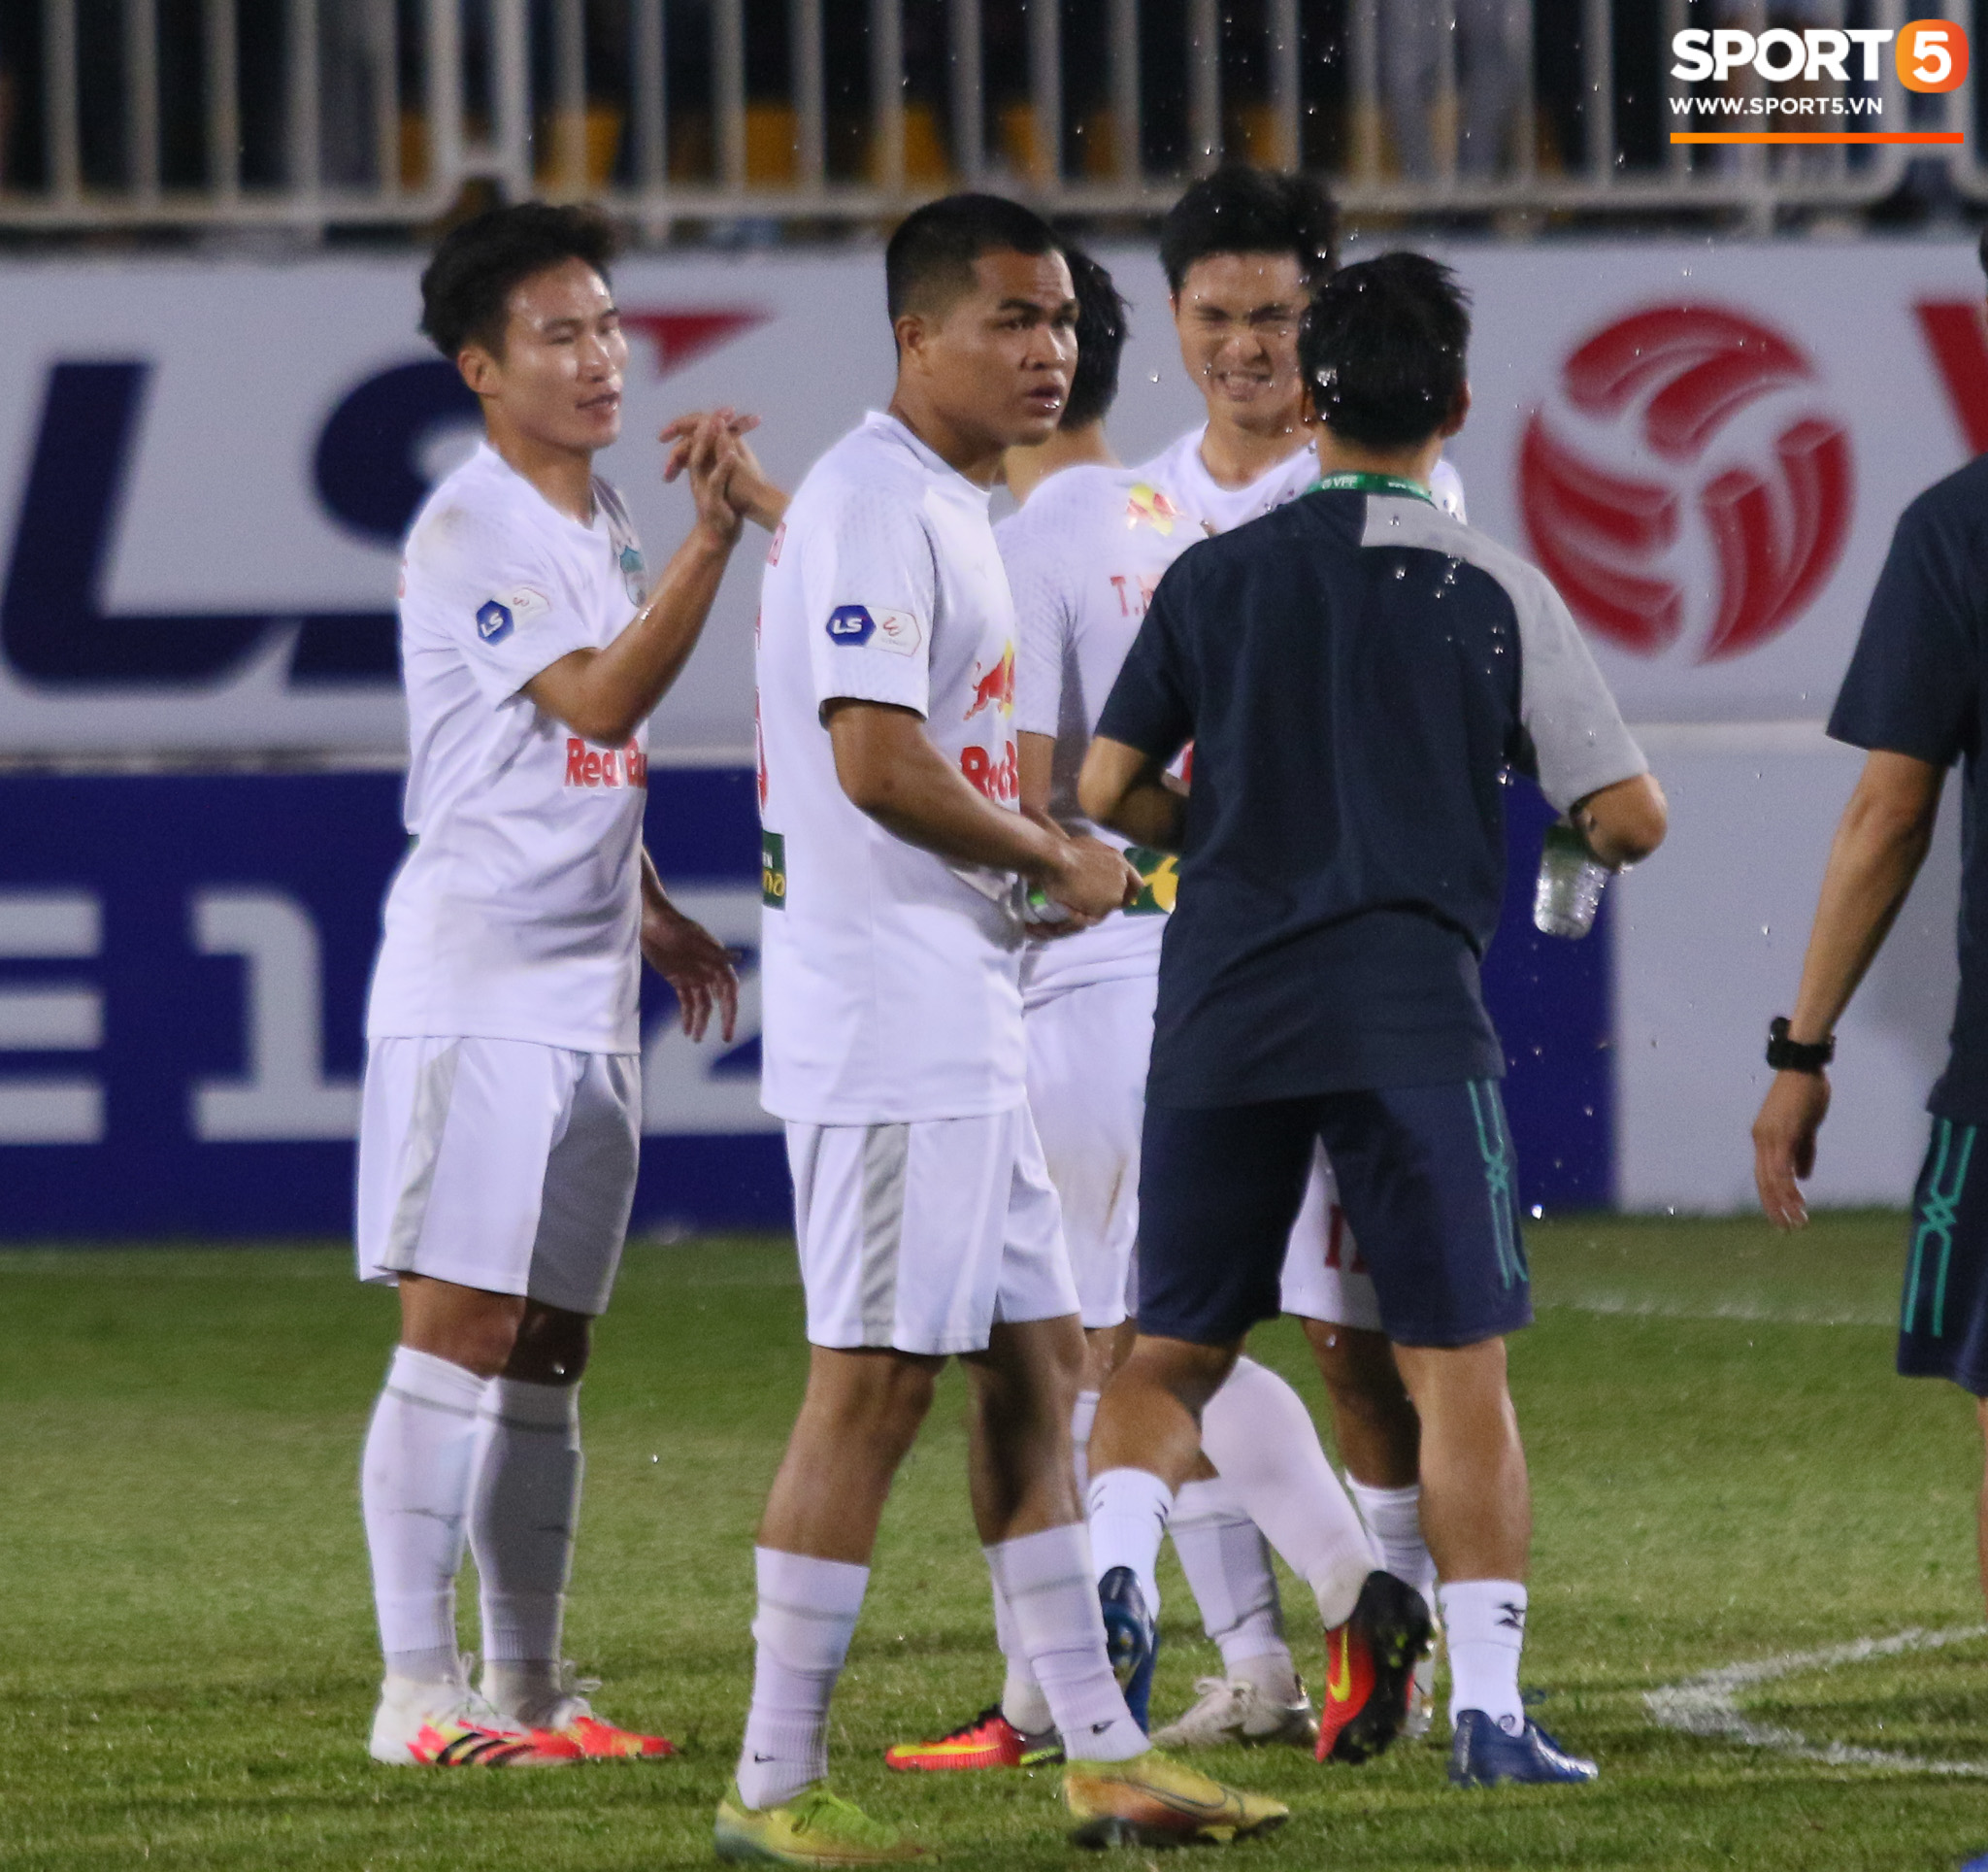 Nguyễn Tuấn Anh ăn mừng cực dị cùng Hữu Tuấn sau trận thắng Hà Nội FC - ảnh 13